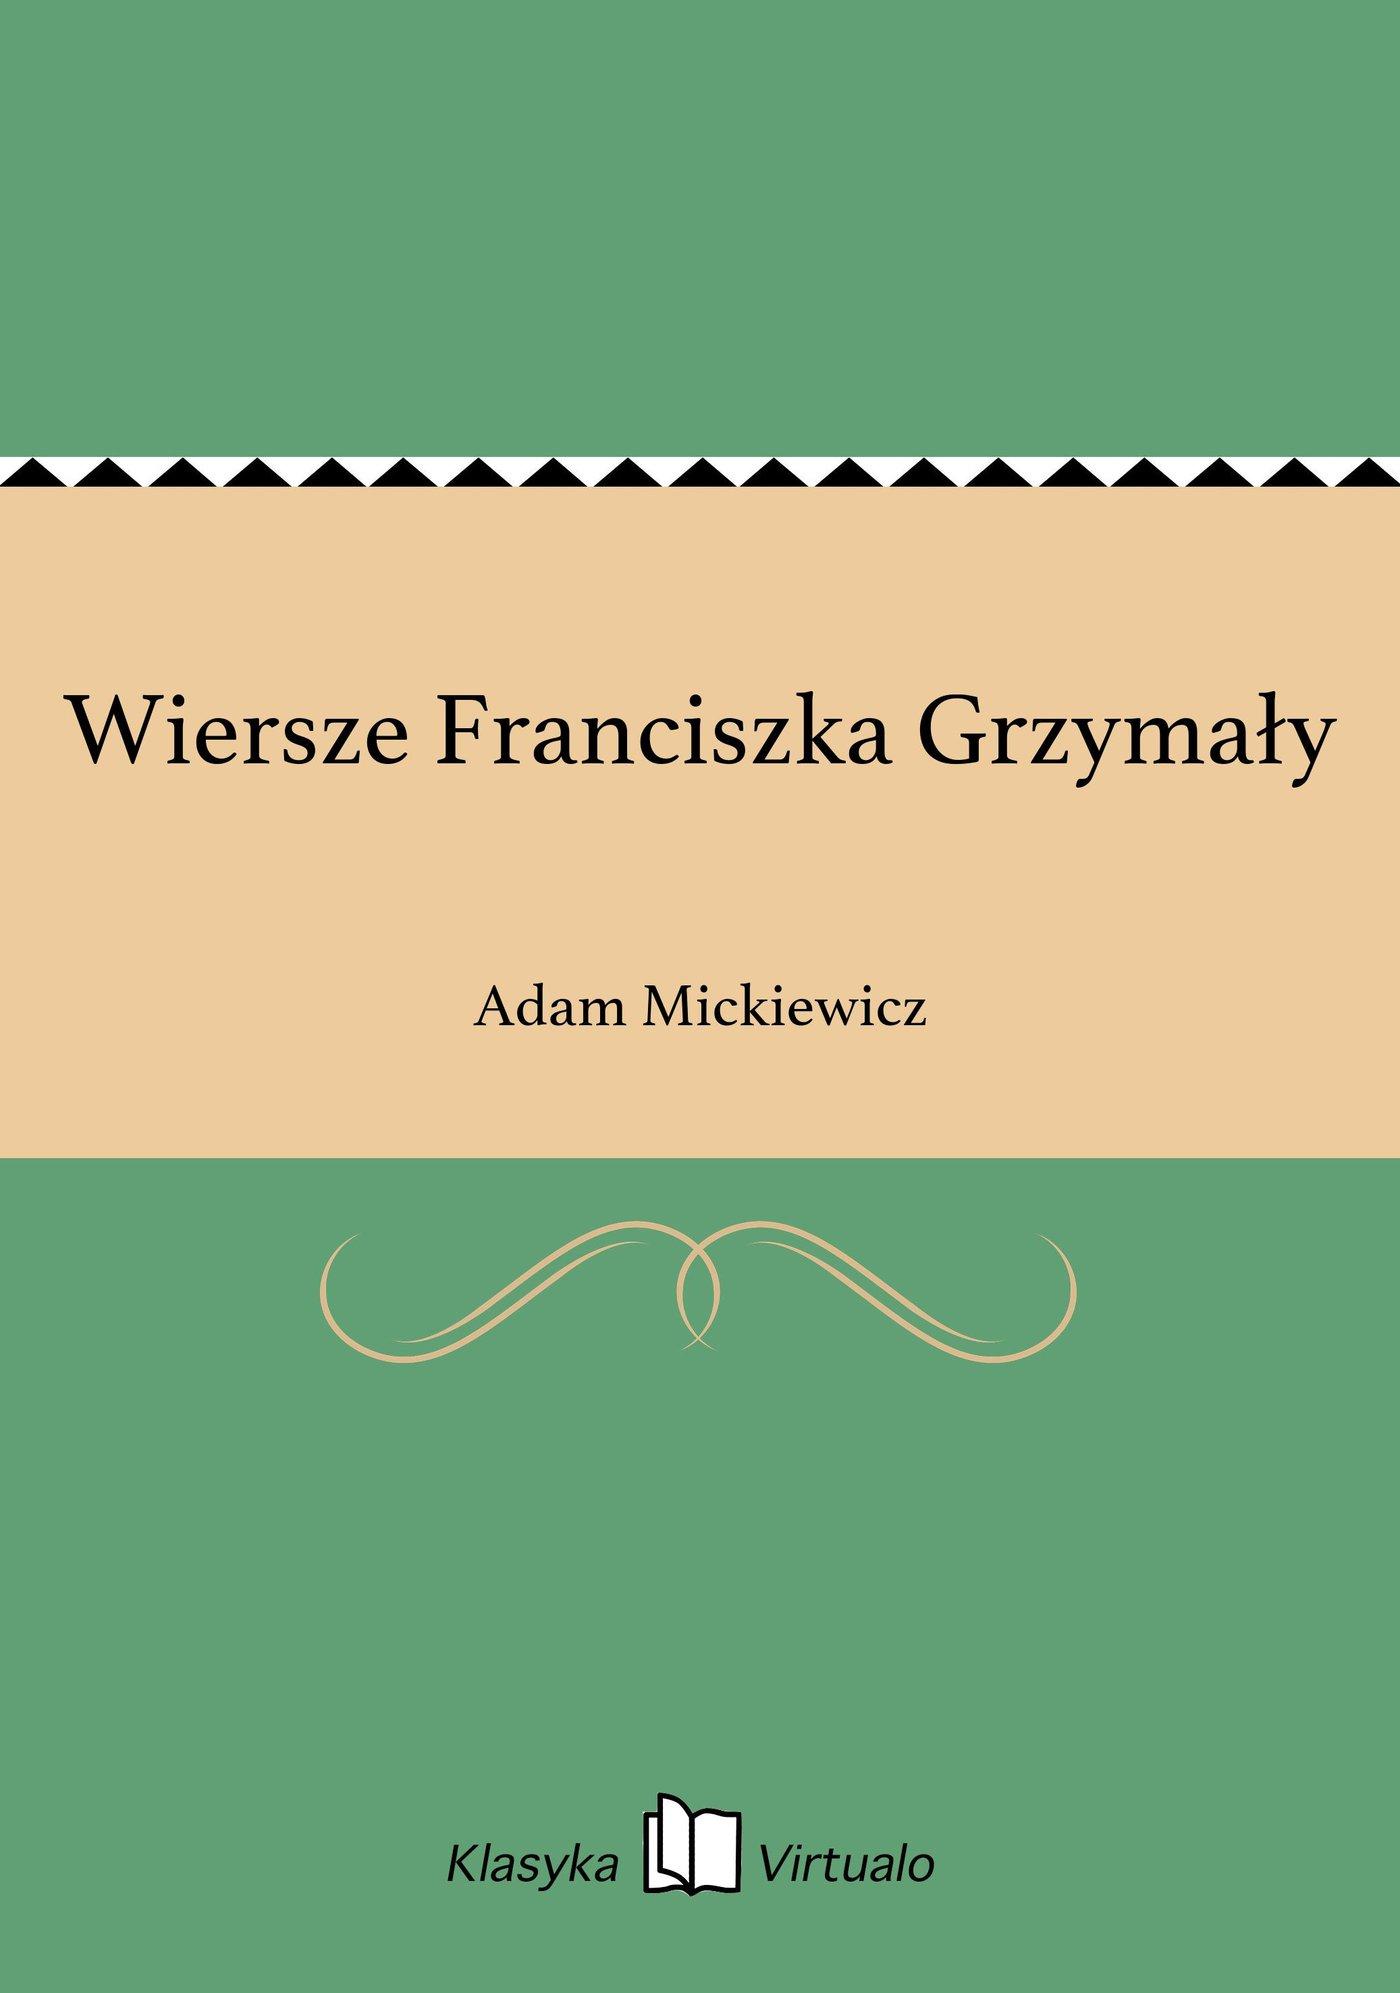 Wiersze Franciszka Grzymały - Ebook (Książka EPUB) do pobrania w formacie EPUB